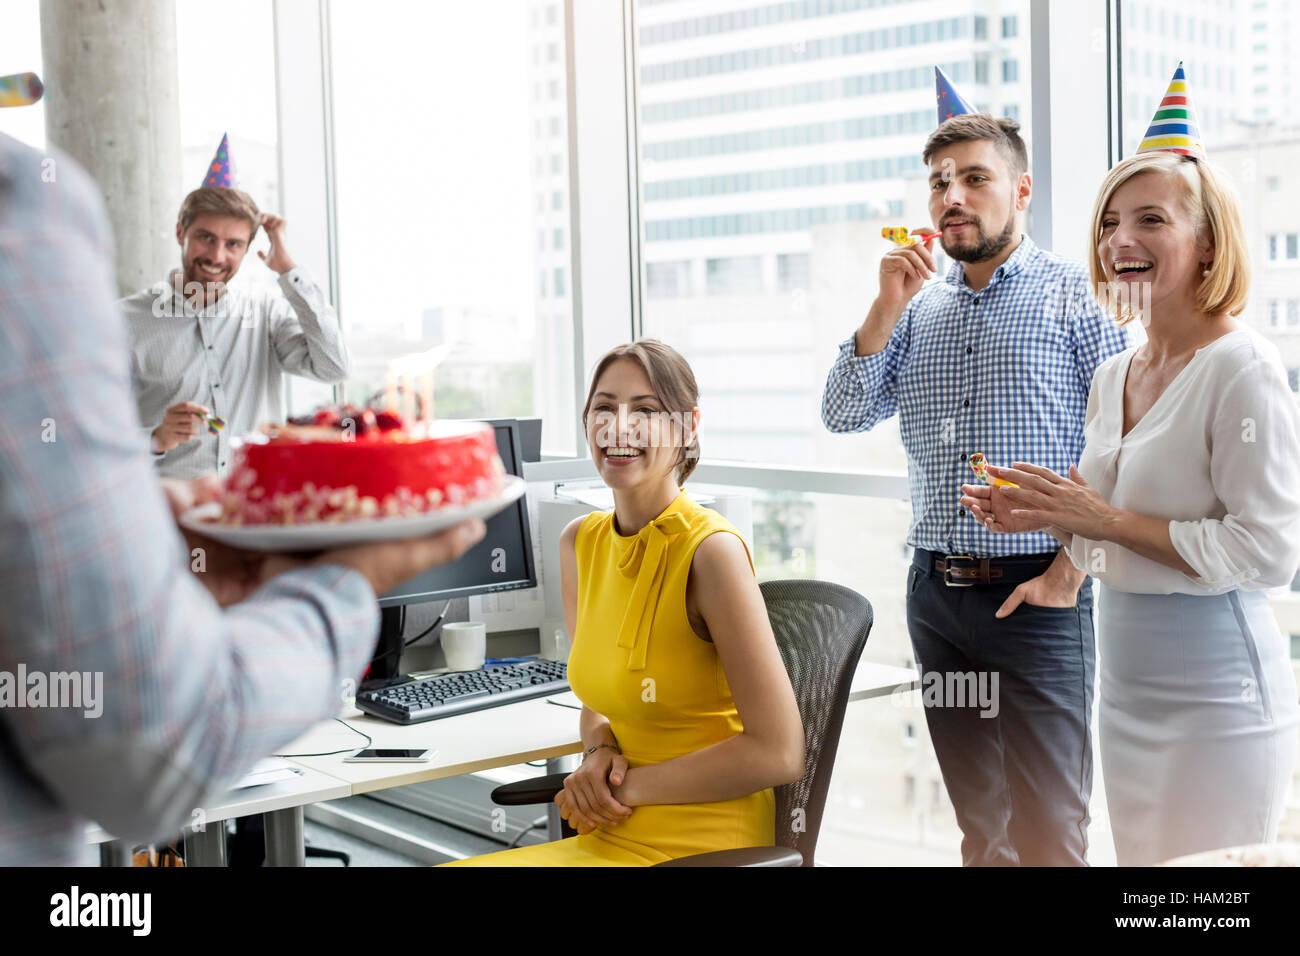 Business Leute Feiert Geburtstag Mit Kuchen Im Buro Stockfoto Bild